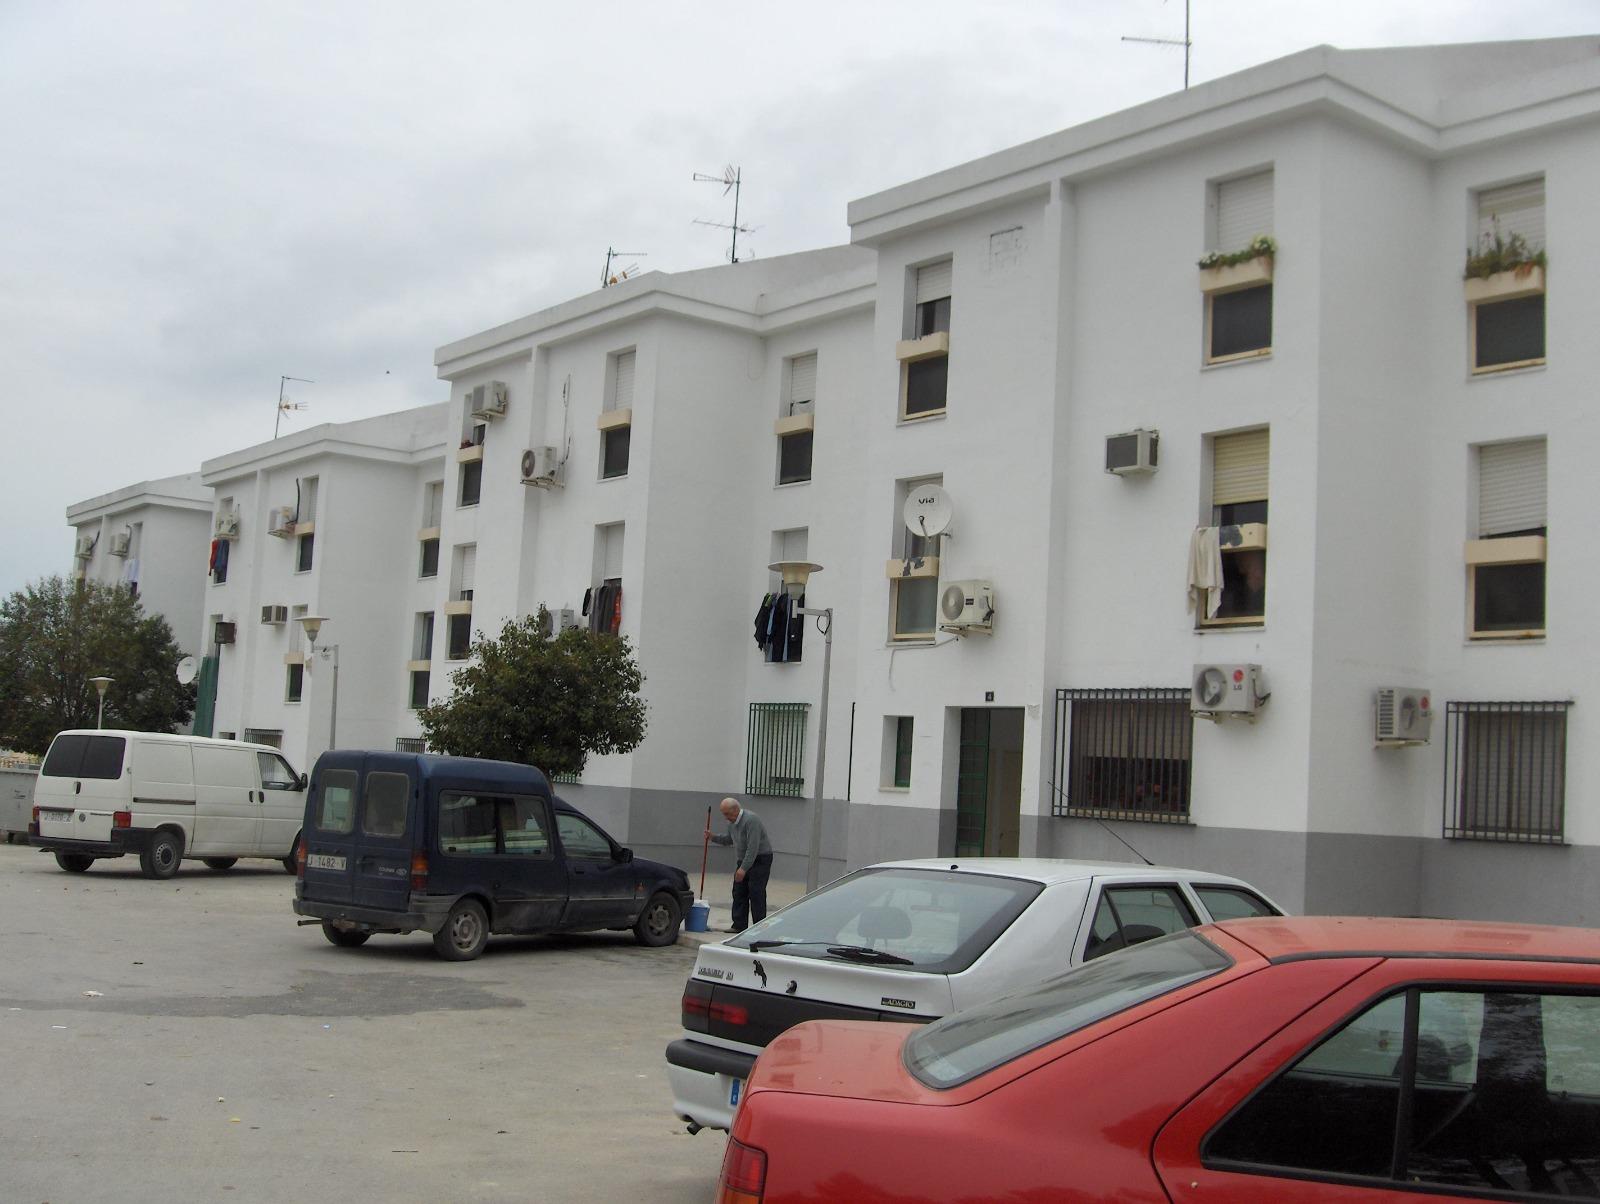 Arjona se va a beneficiar de una reparación de viviendas en alquiler de la Junta de Andalucía